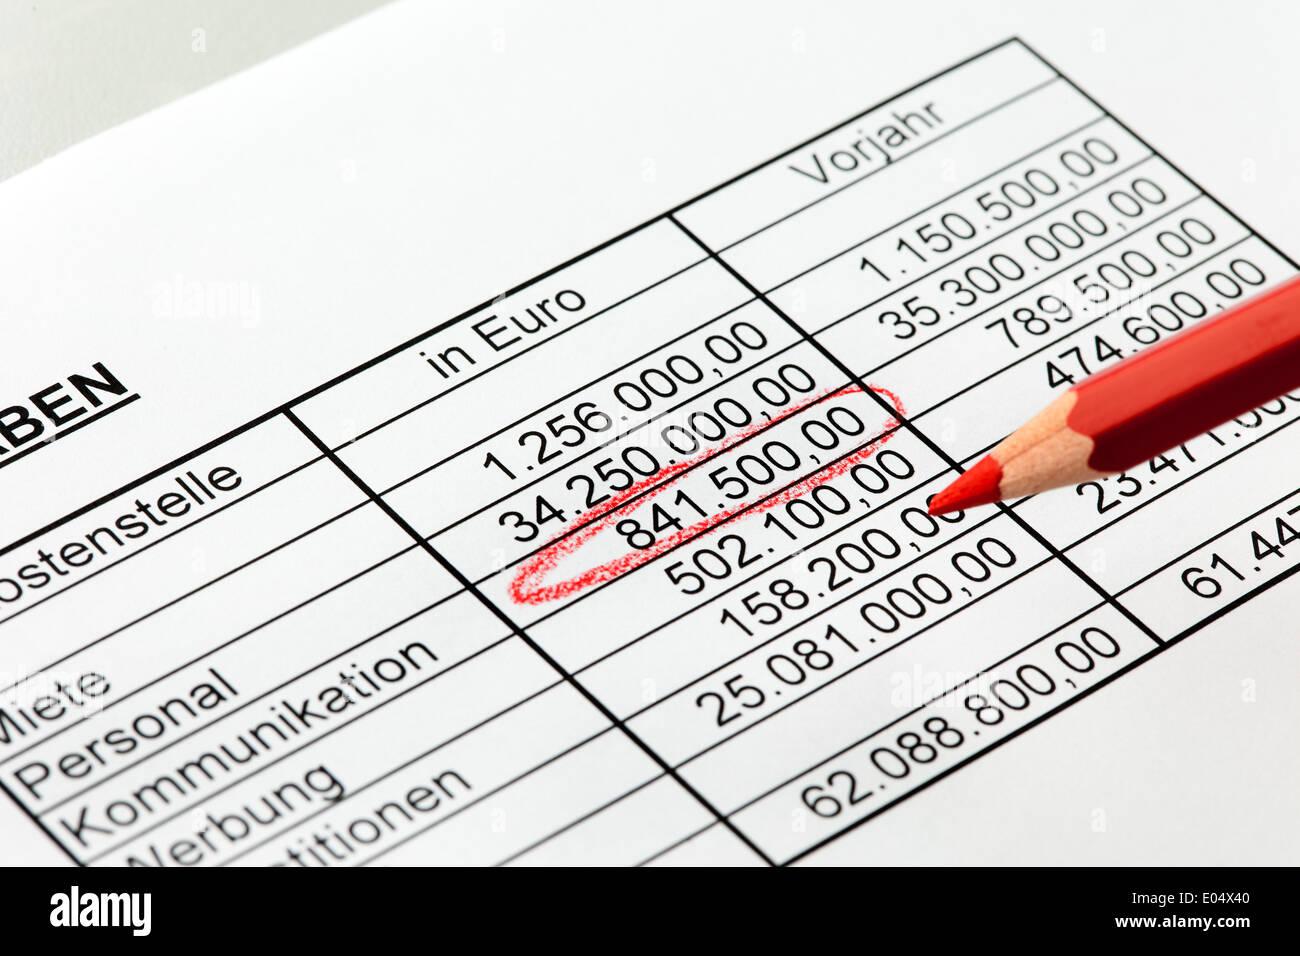 Figures of a statistics with Rotstiftin German., Zahlen einer Statistik mit Rotstiftin deutscher Sprache. - Stock Image